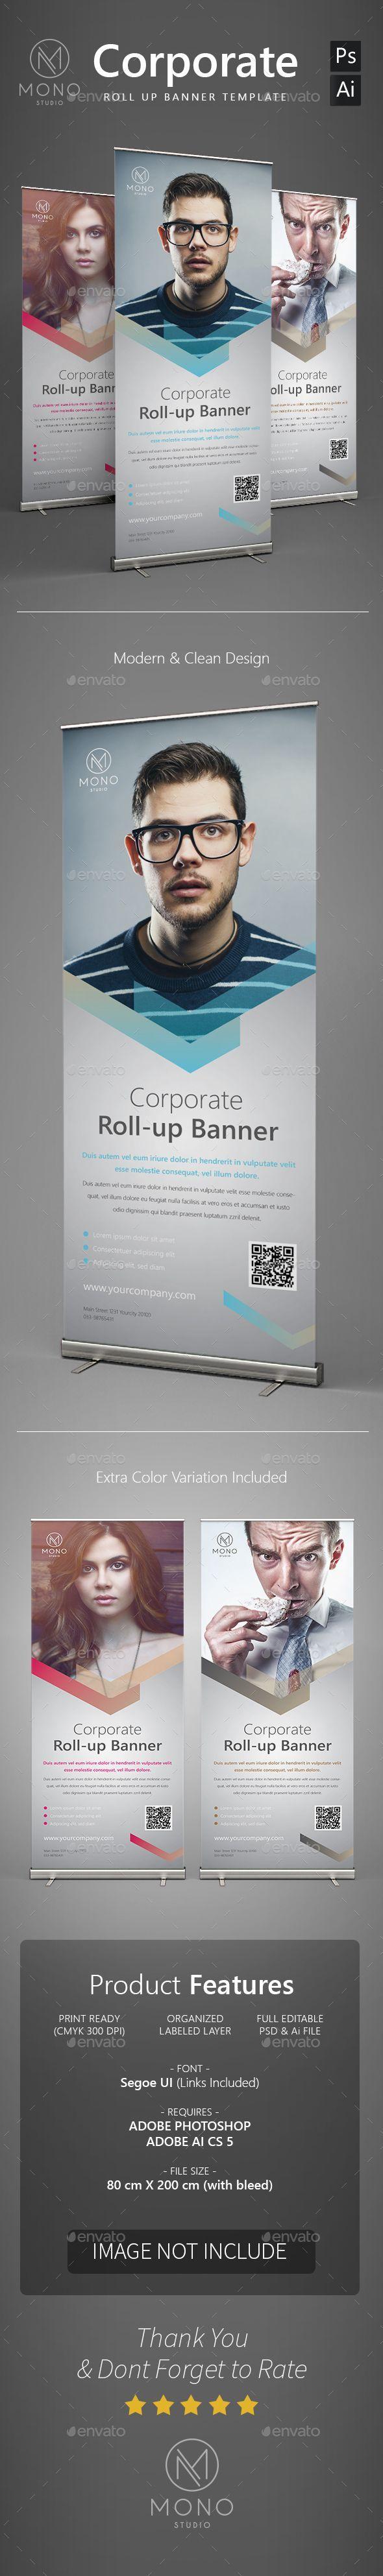 Corporate Roll Up Banner Vorlage Psd Vector Ai Design Herunterladen Graphicriver Ai Banner Banner Design Roll Up Design Brochure Design Inspiration